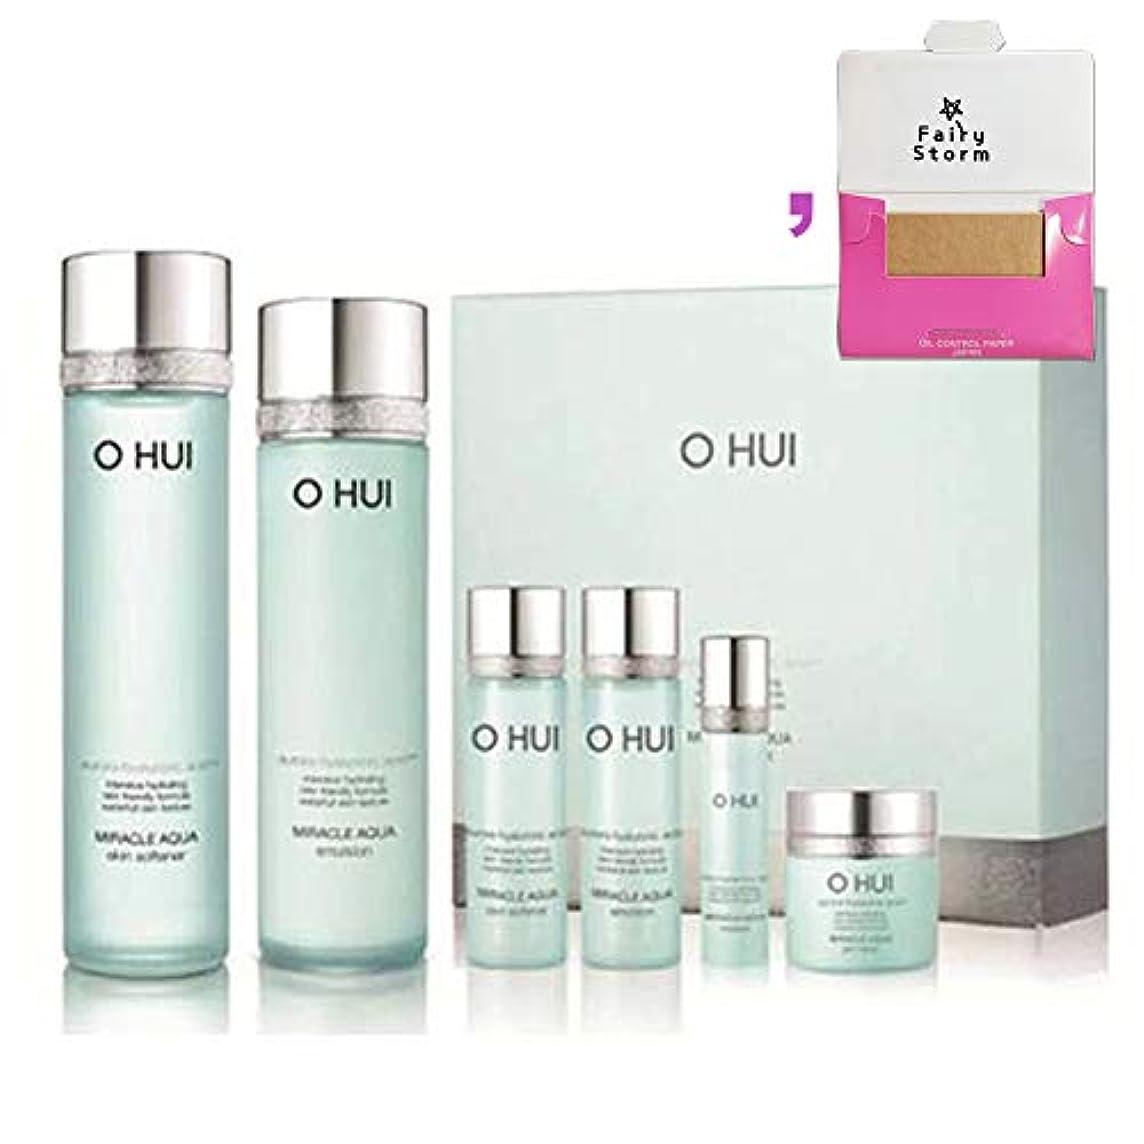 理解する正午減る[オフィ/O HUI]韓国化粧品LG生活健康/O HUI MIRACLE AQUA SPECIAL 2EA SET/ミラクルアクア 2種セット+[Sample Gift](海外直送品)